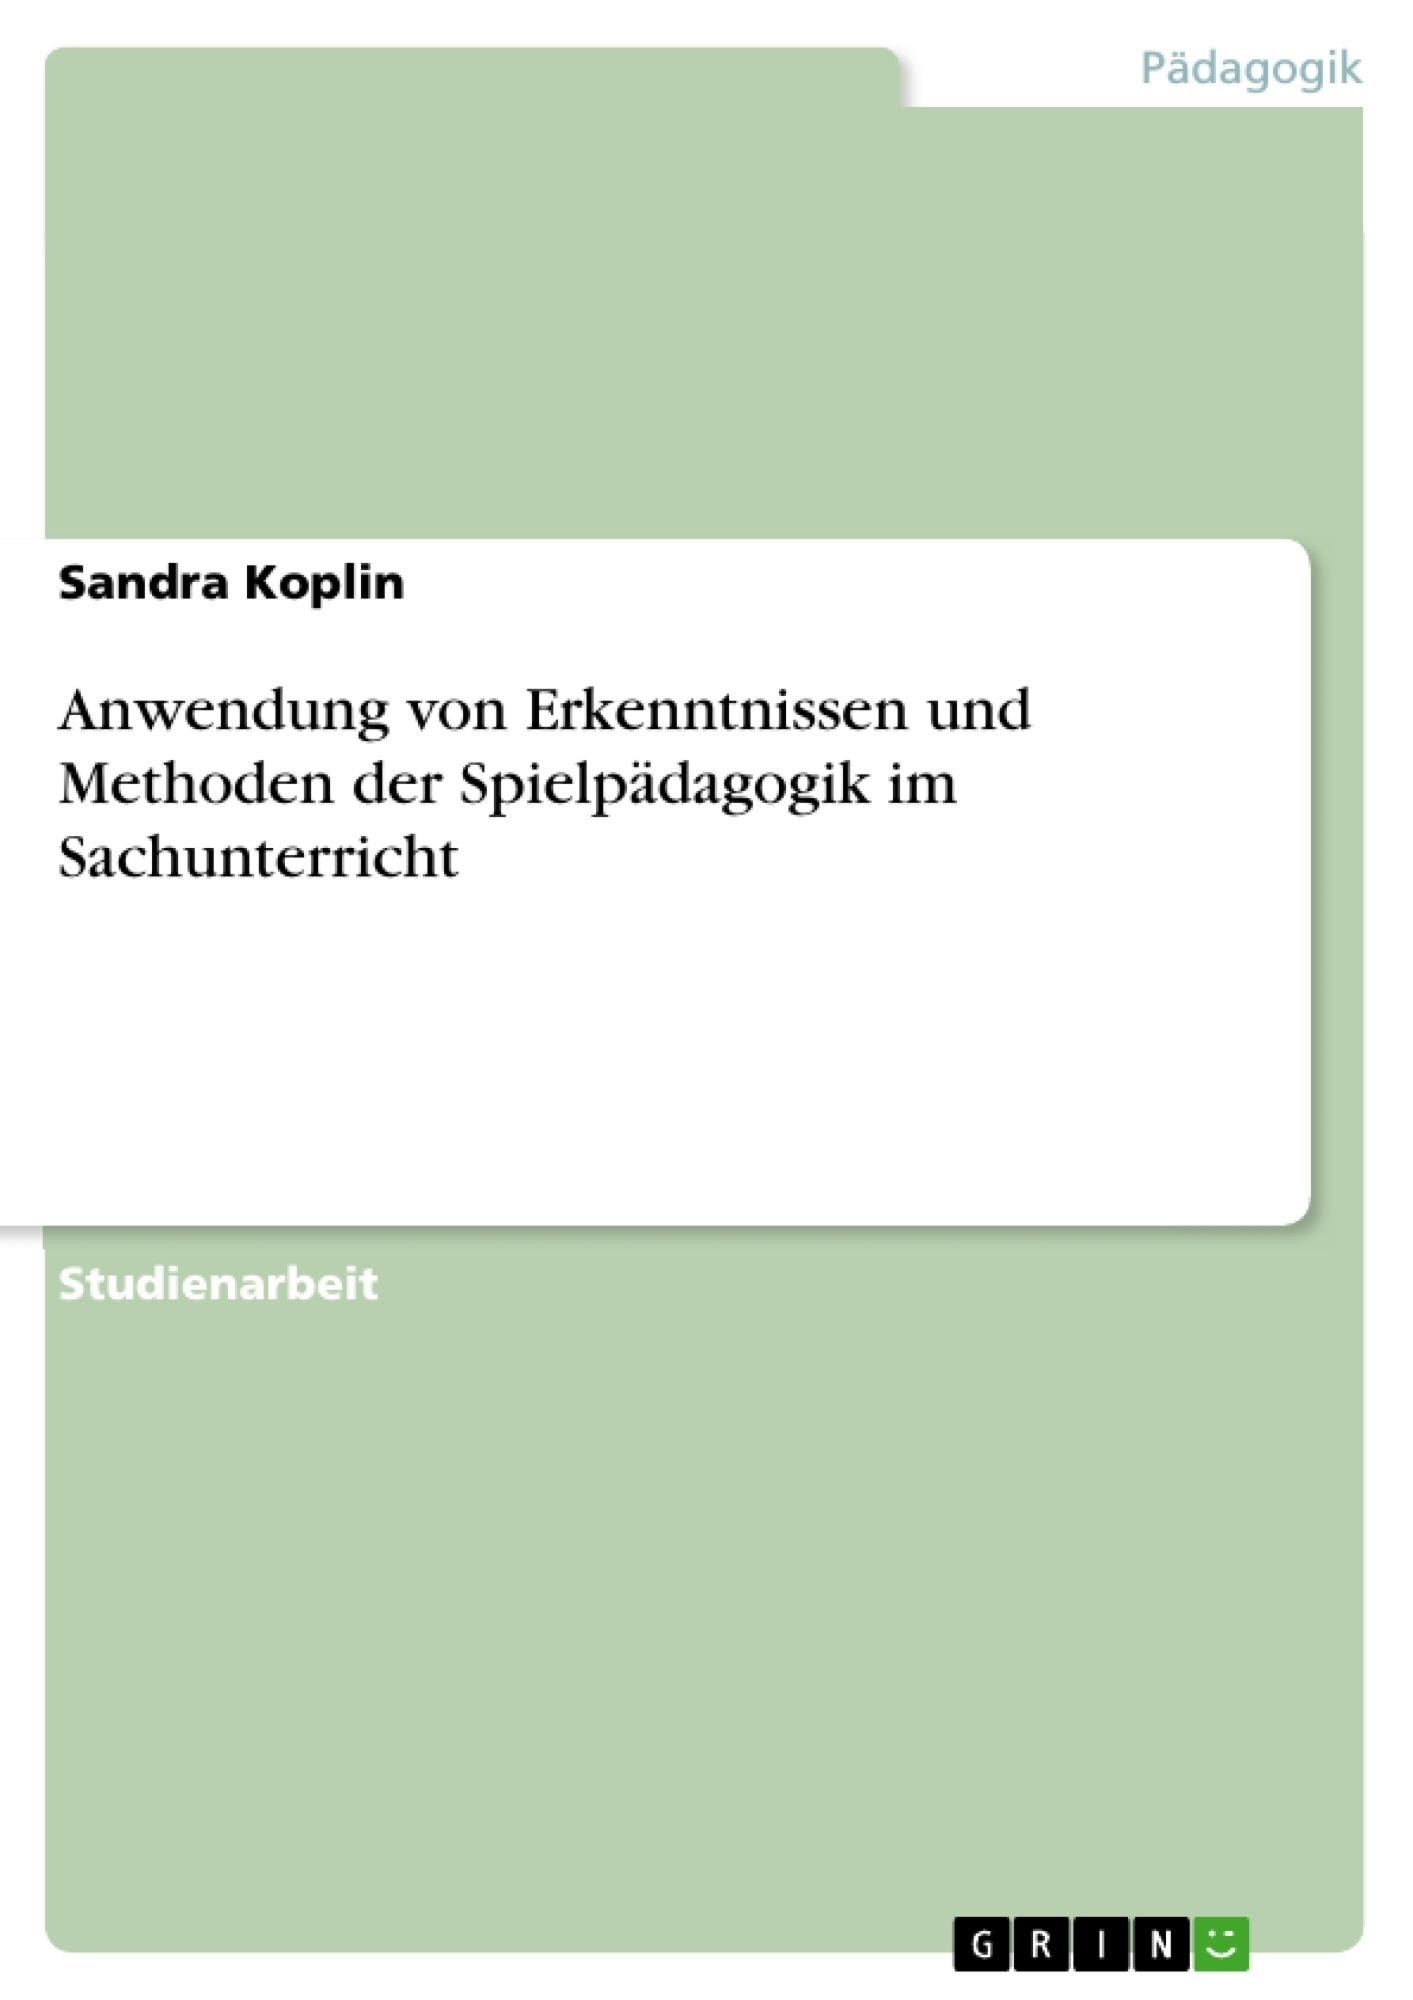 Titel: Anwendung von Erkenntnissen und Methoden der Spielpädagogik im Sachunterricht